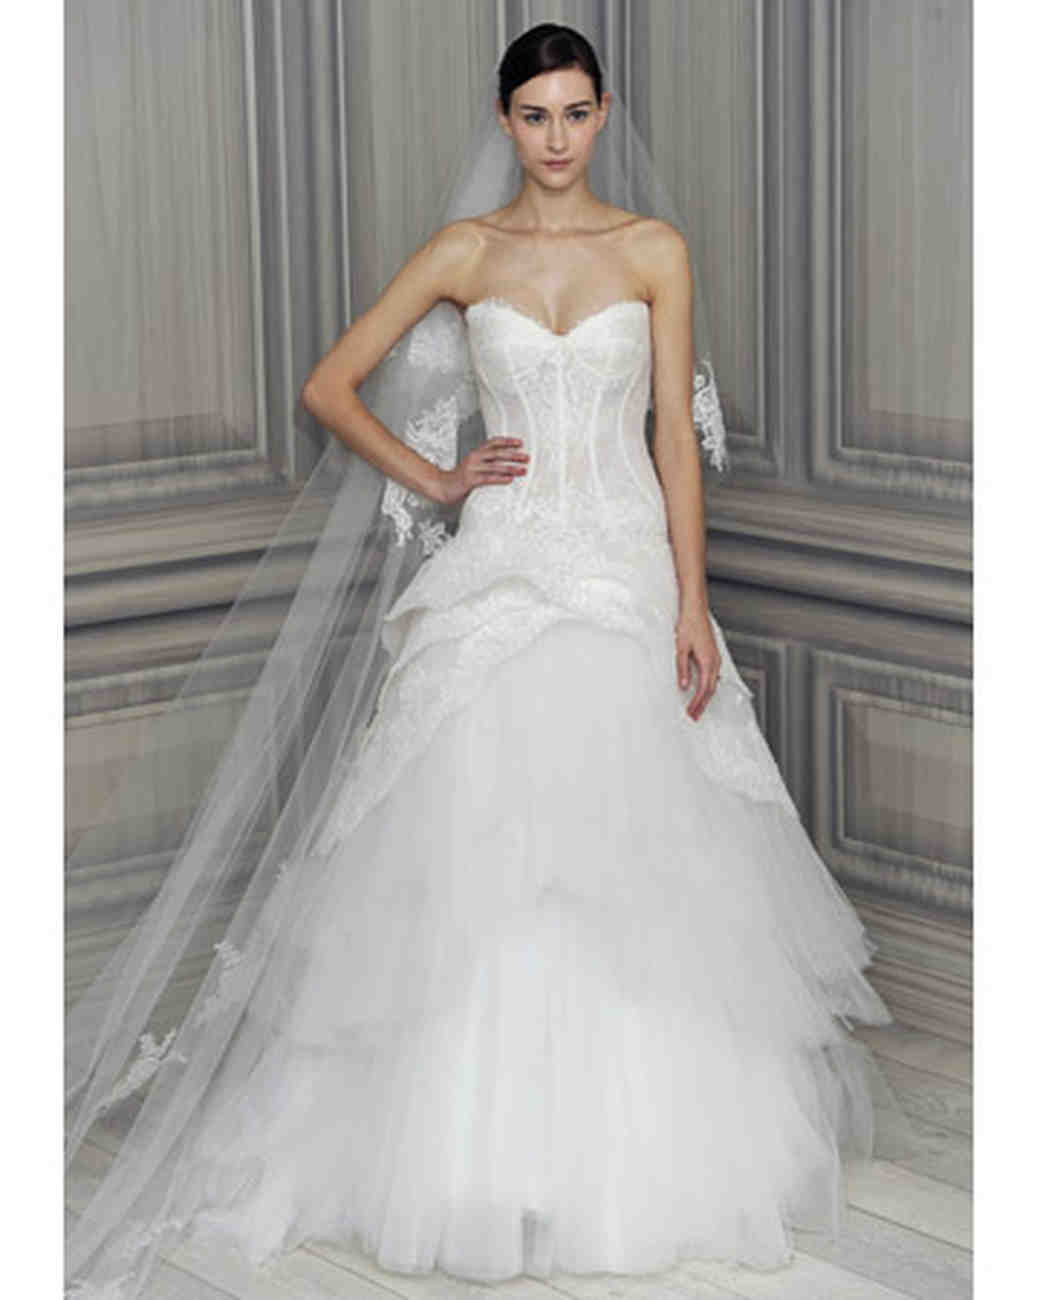 Monique Lhuillier Wedding Dress Collection